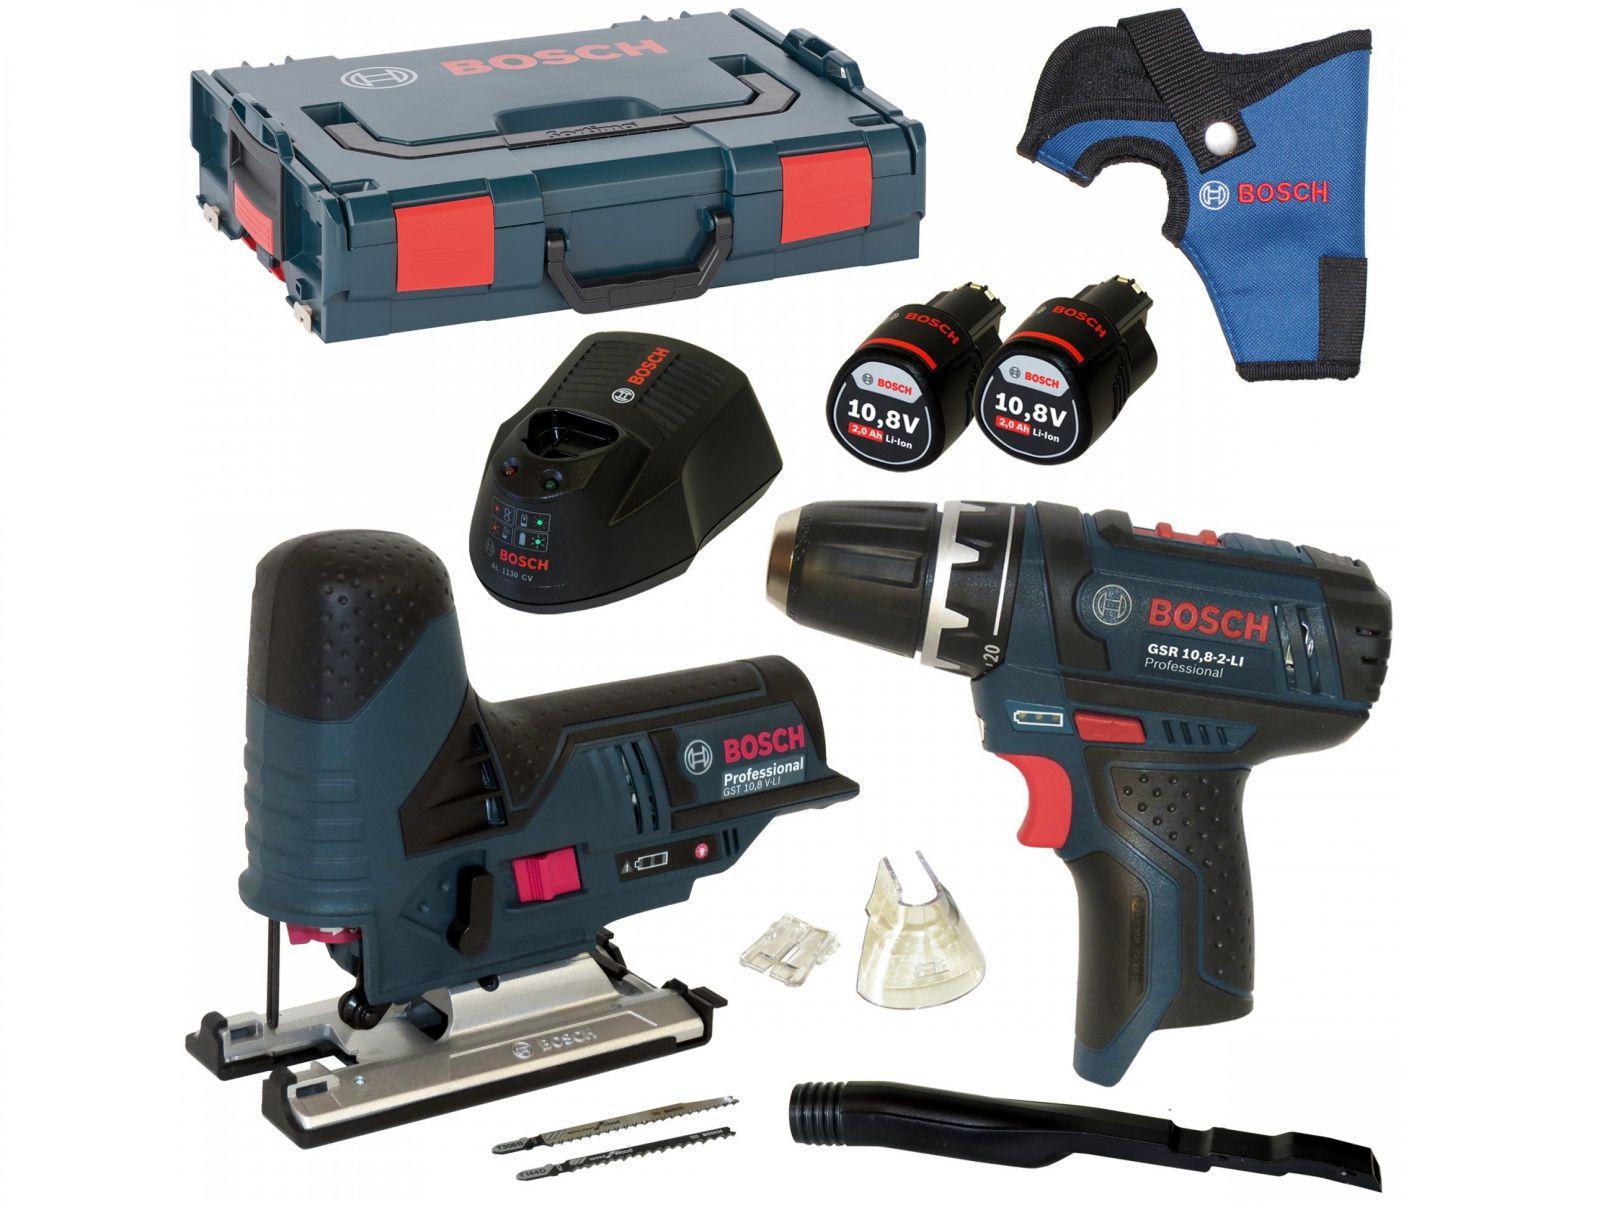 Aku vrtačka bez příklepu Bosch GSR 10,8-2-LI Professional + Aku přímočará pila Bosch GST 10,8 V-LI Professional, 2x aku 10.8V/2.0Ah (0615990G08)